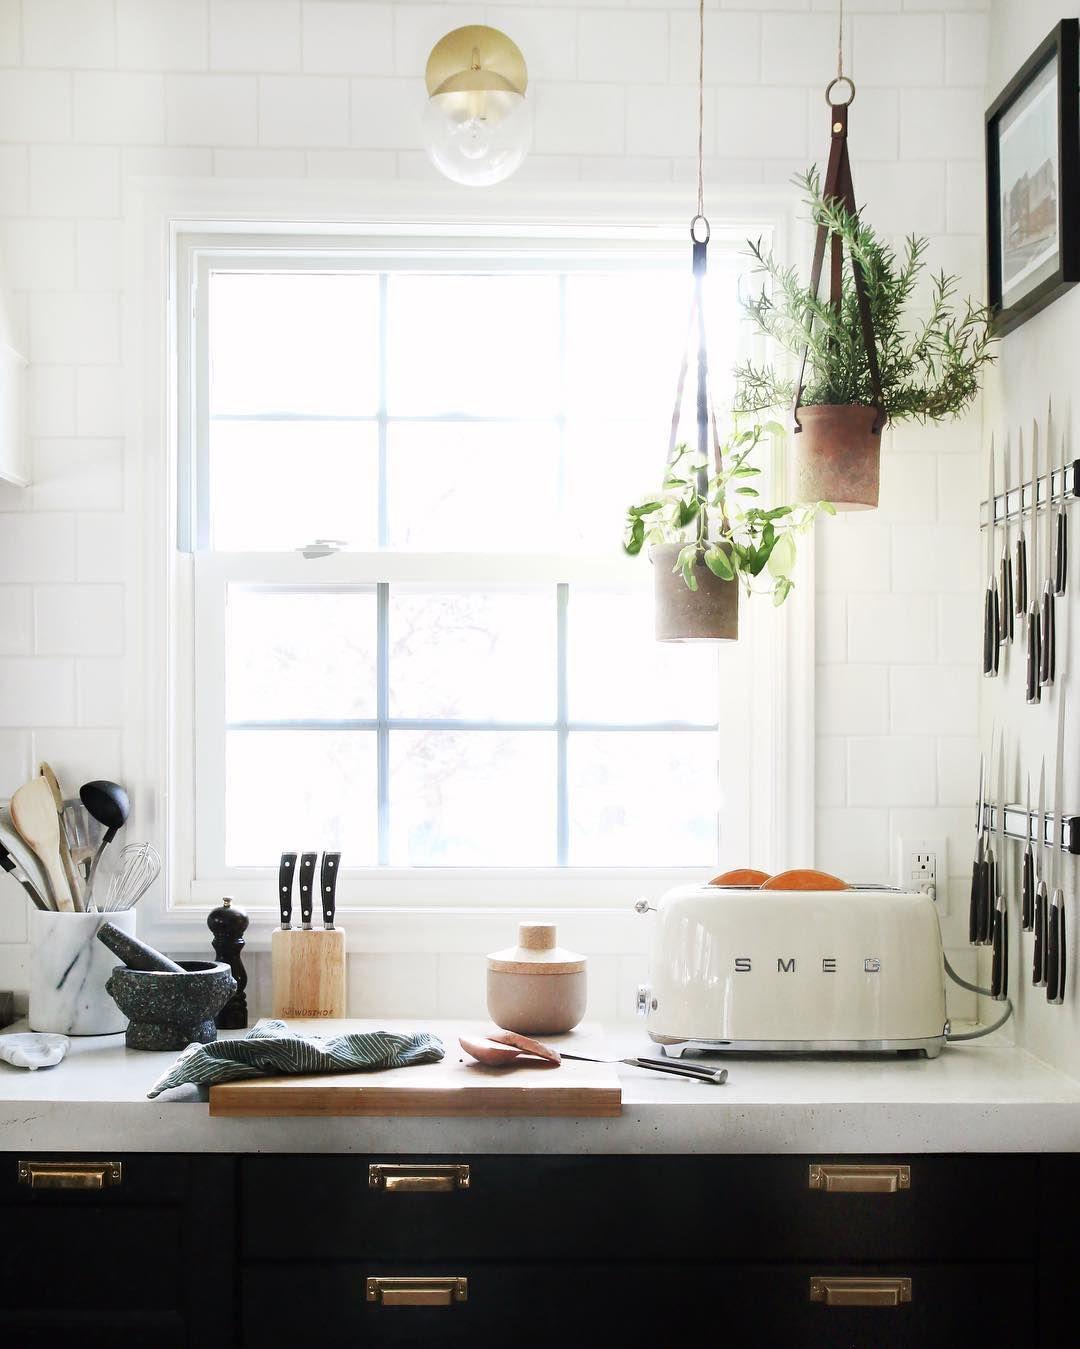 Épinglé par Marissa B sur Kitchen  Décoration intérieure cuisine